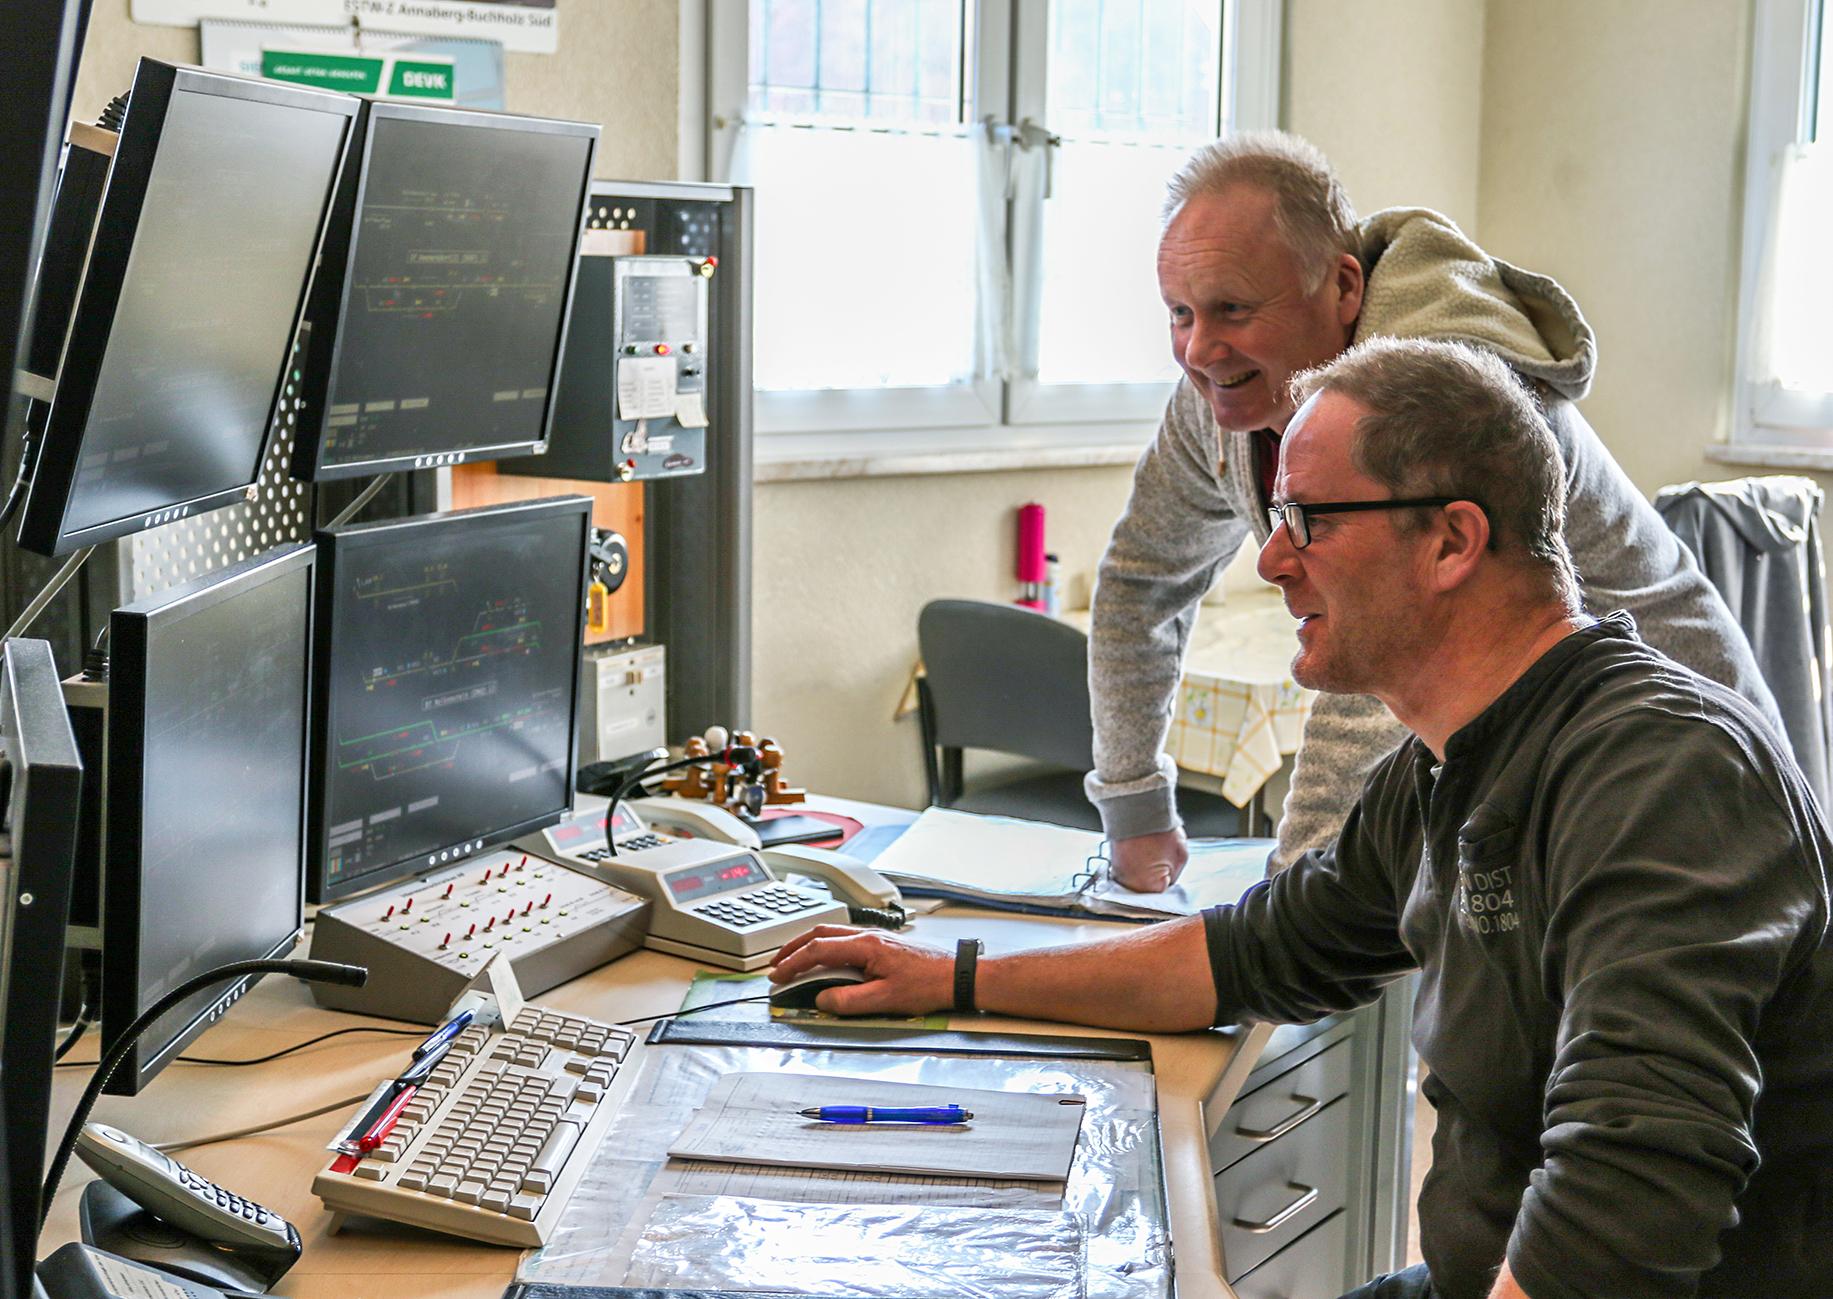 Zwei Mitarbeiter im digitalen Stellwerk, Arbeitsplatz mit mehreren Bildschirmen